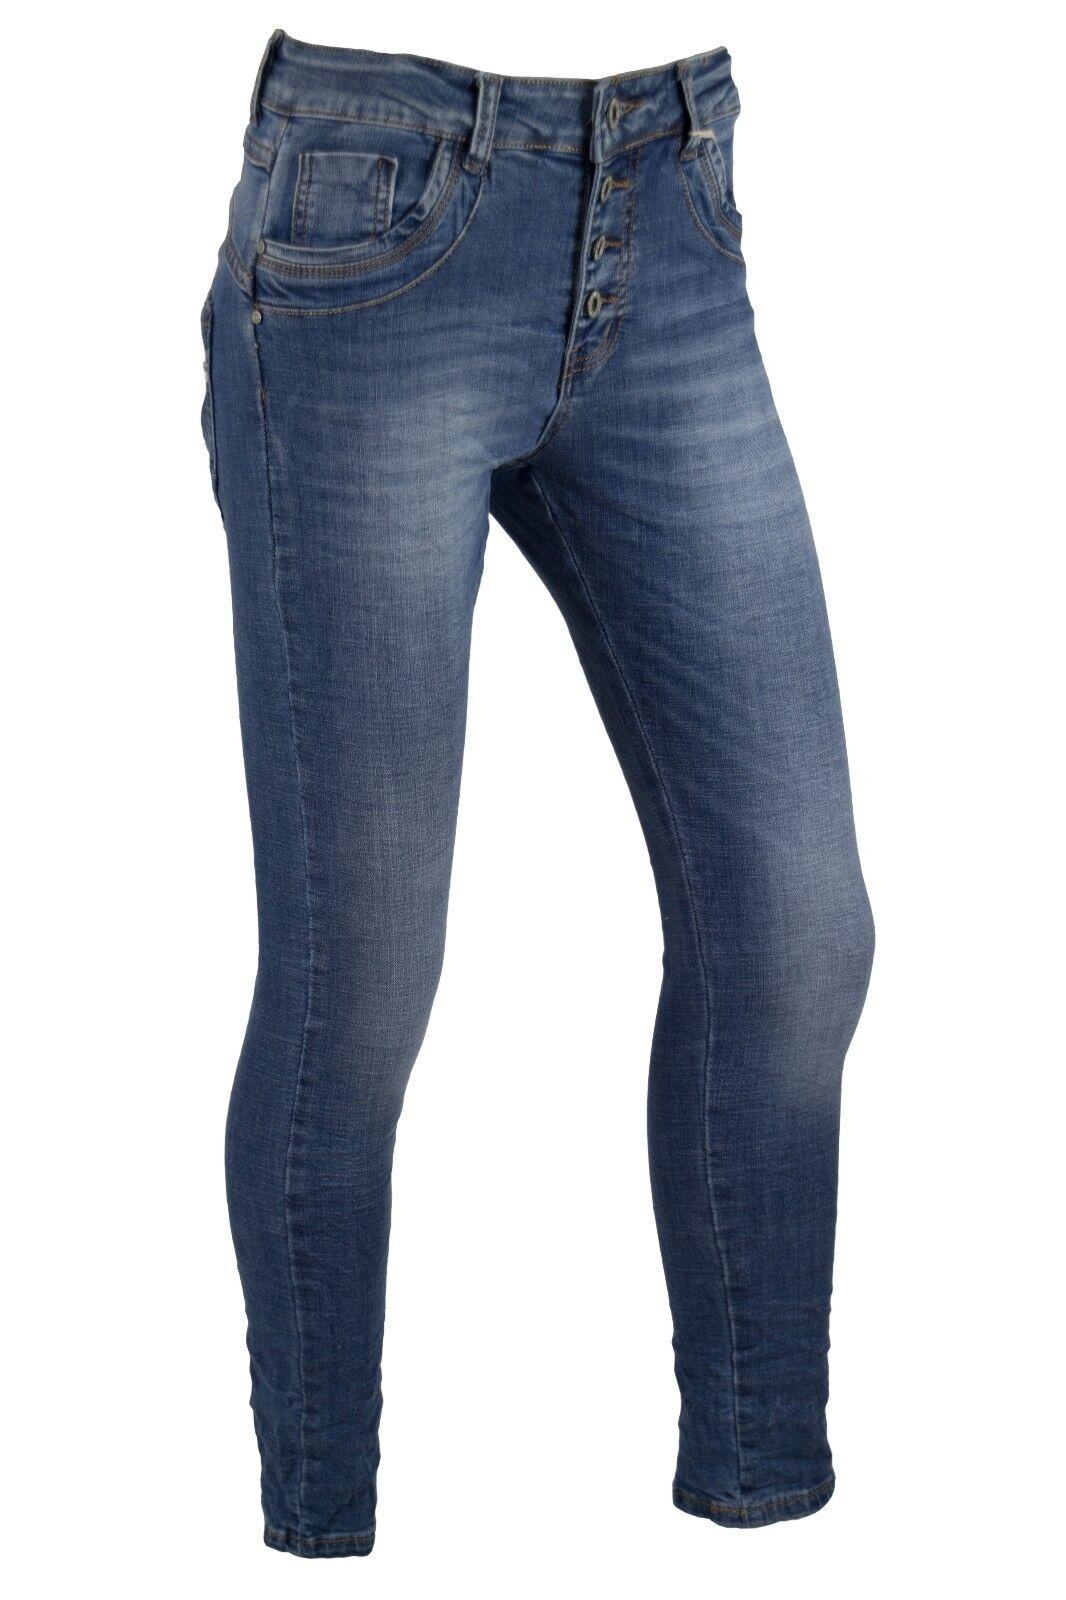 Lexxury Damen Damen Damen Baggy Boyfriend Hose Jeans Blau Classic Knopfleiste | Vorzügliche Verarbeitung  | Lebhaft  | Zarte  | Angemessener Preis  | Neuankömmling  0e73ff